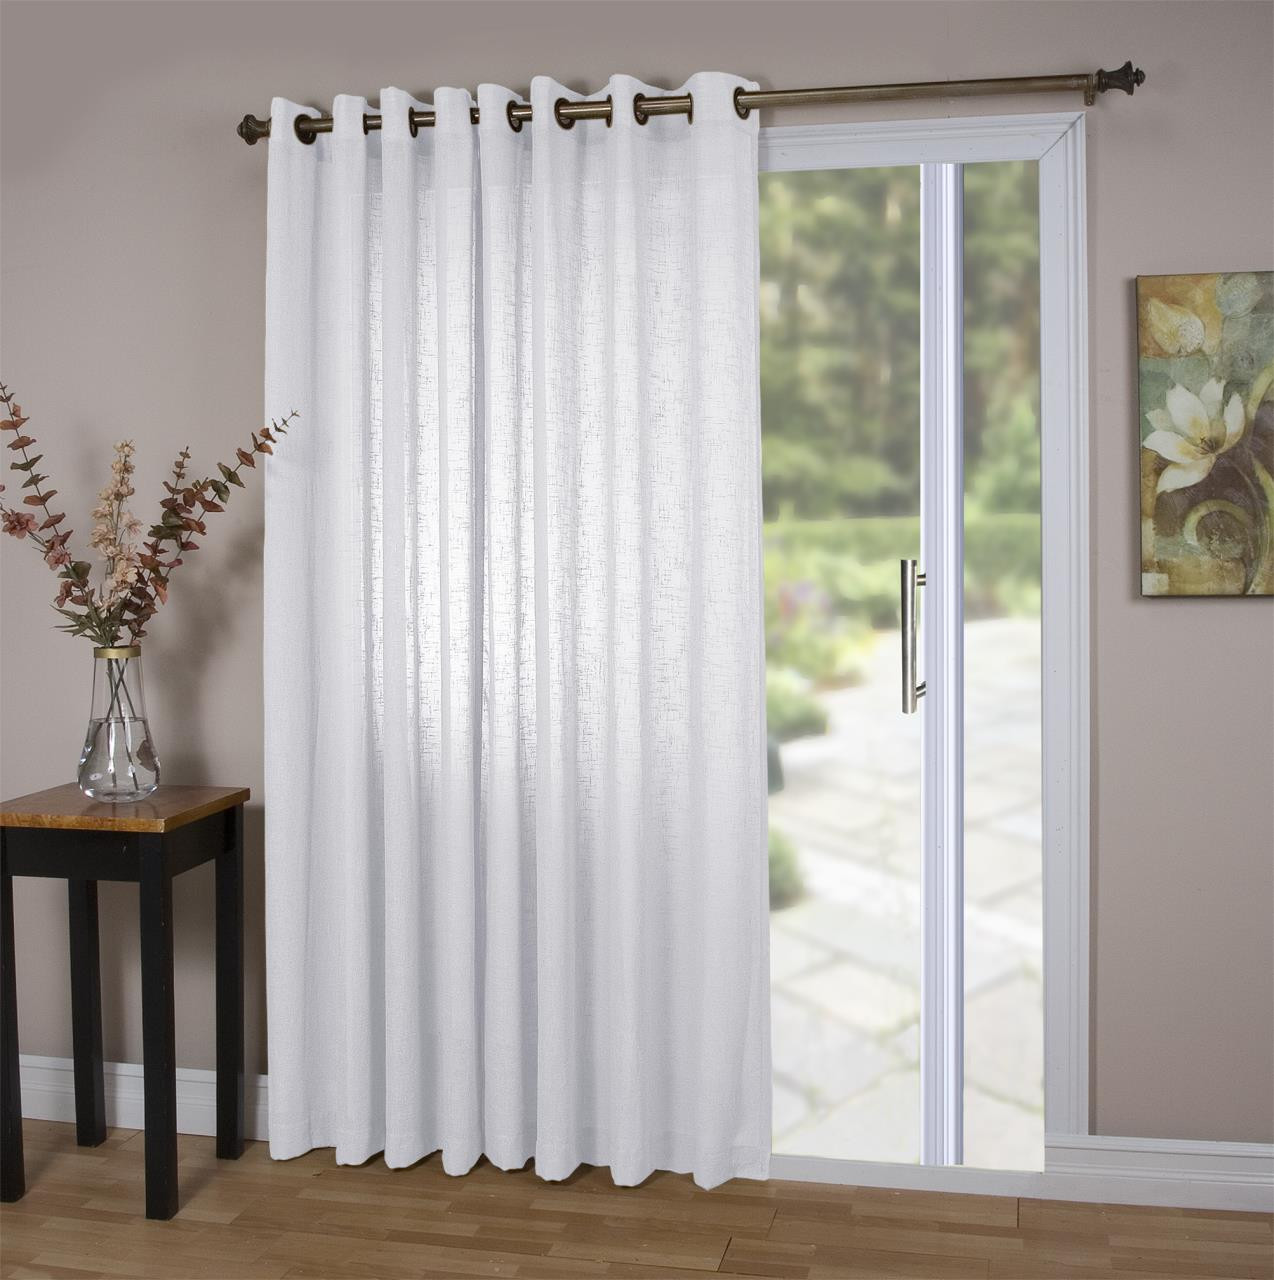 Shannon Sheer Linen Door Curtain Panel w/ Tieback - 842249038587